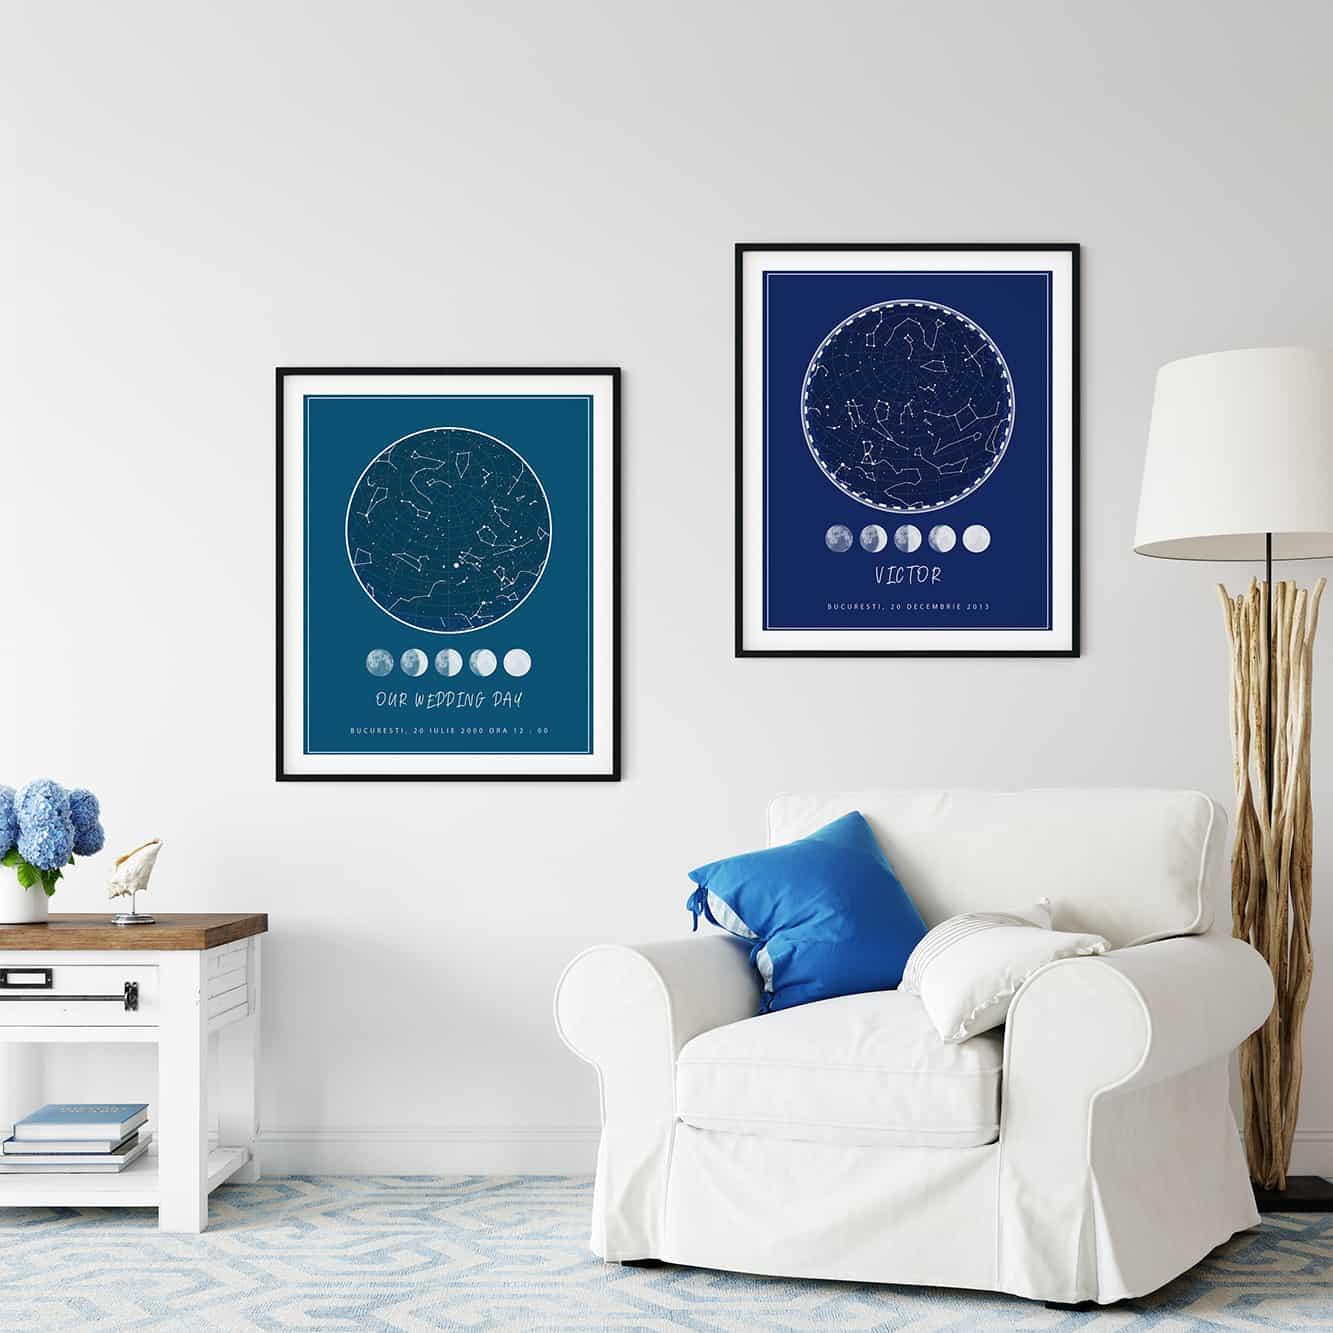 Tablou personalizat harta stelelor, harta cerului